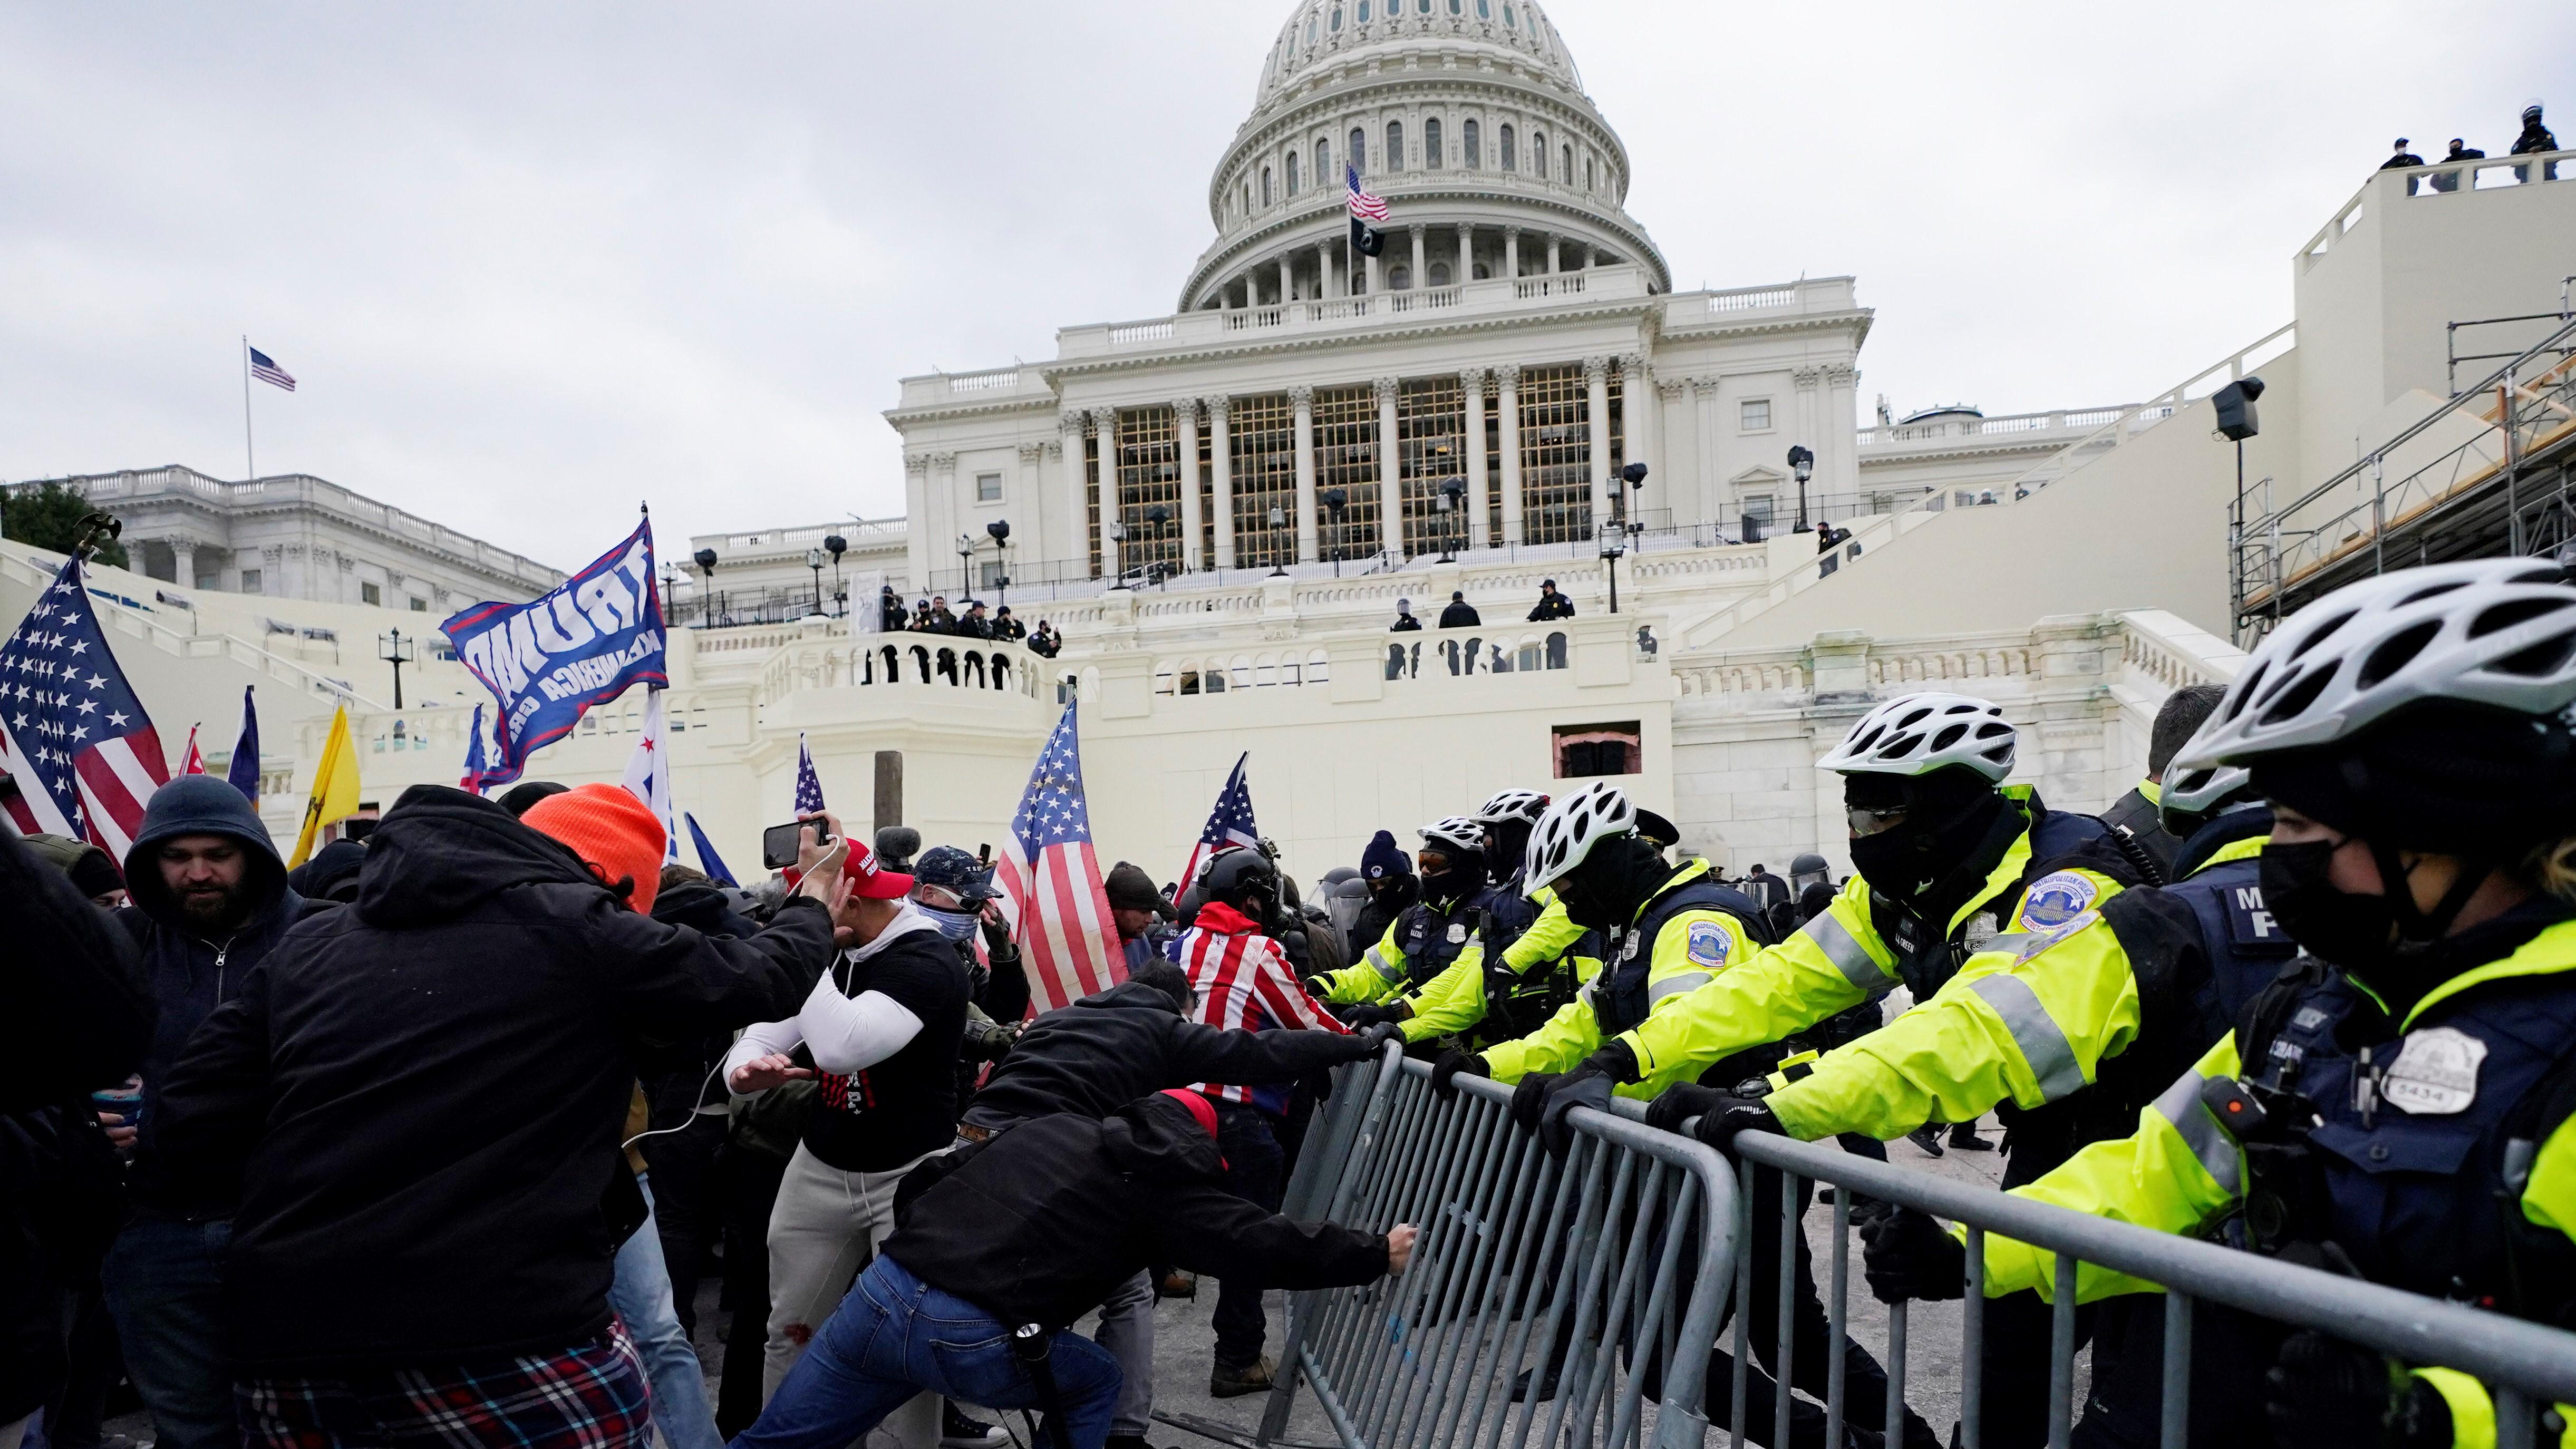 Donald Trump republikánus párti amerikai elnök támogatóinak egy csoportja a rendőrkordont áttörve megpróbál behatolni az amerikai törvényhozás washingtoni épületébe, a Capitoliumba 2021. január 6-án, amikor a kongresszus két háza összeült, hogy hivatalosan is véglegesítse a demokrata párti jelölt, Joe Biden győzelmét hozó november 3-i elnökválasztás eredményét.